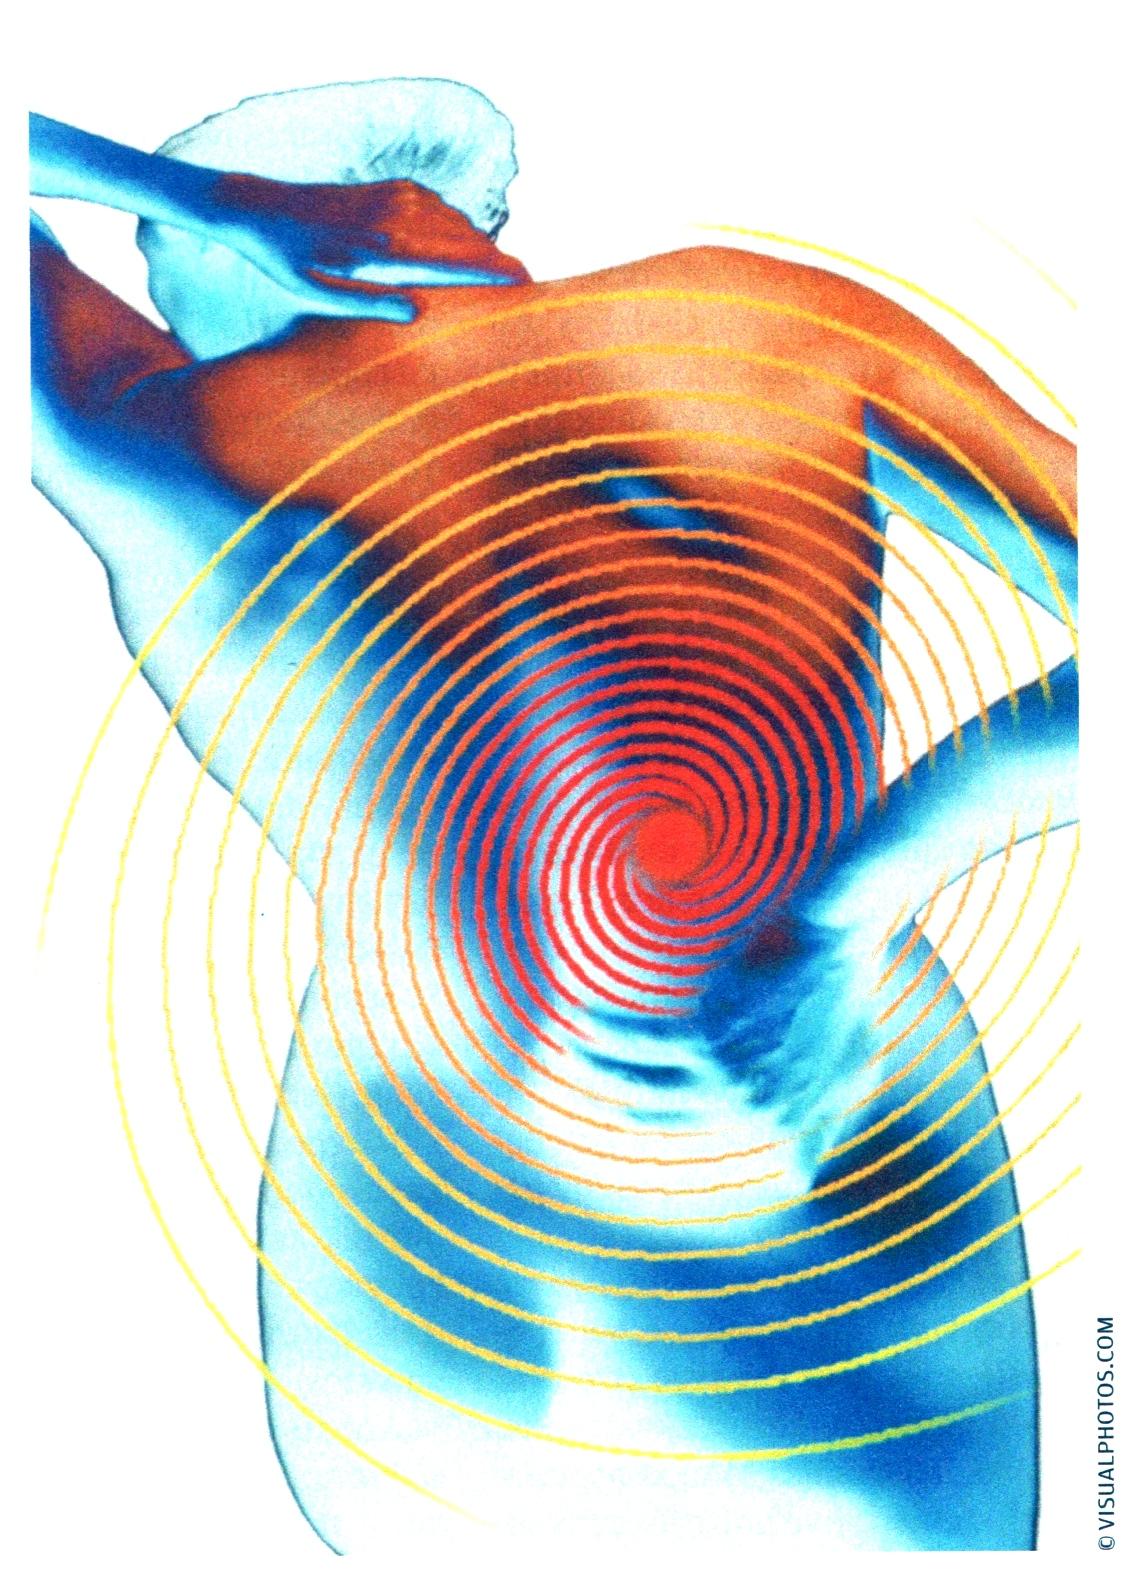 ΚΑΛΗΜΕΡΑ ΕΛΛΑΔΑ - ΚΑΛΗΜΕΡΑ ΚΟΣΜΕ !!! : Νευροπαθητικός πόνος